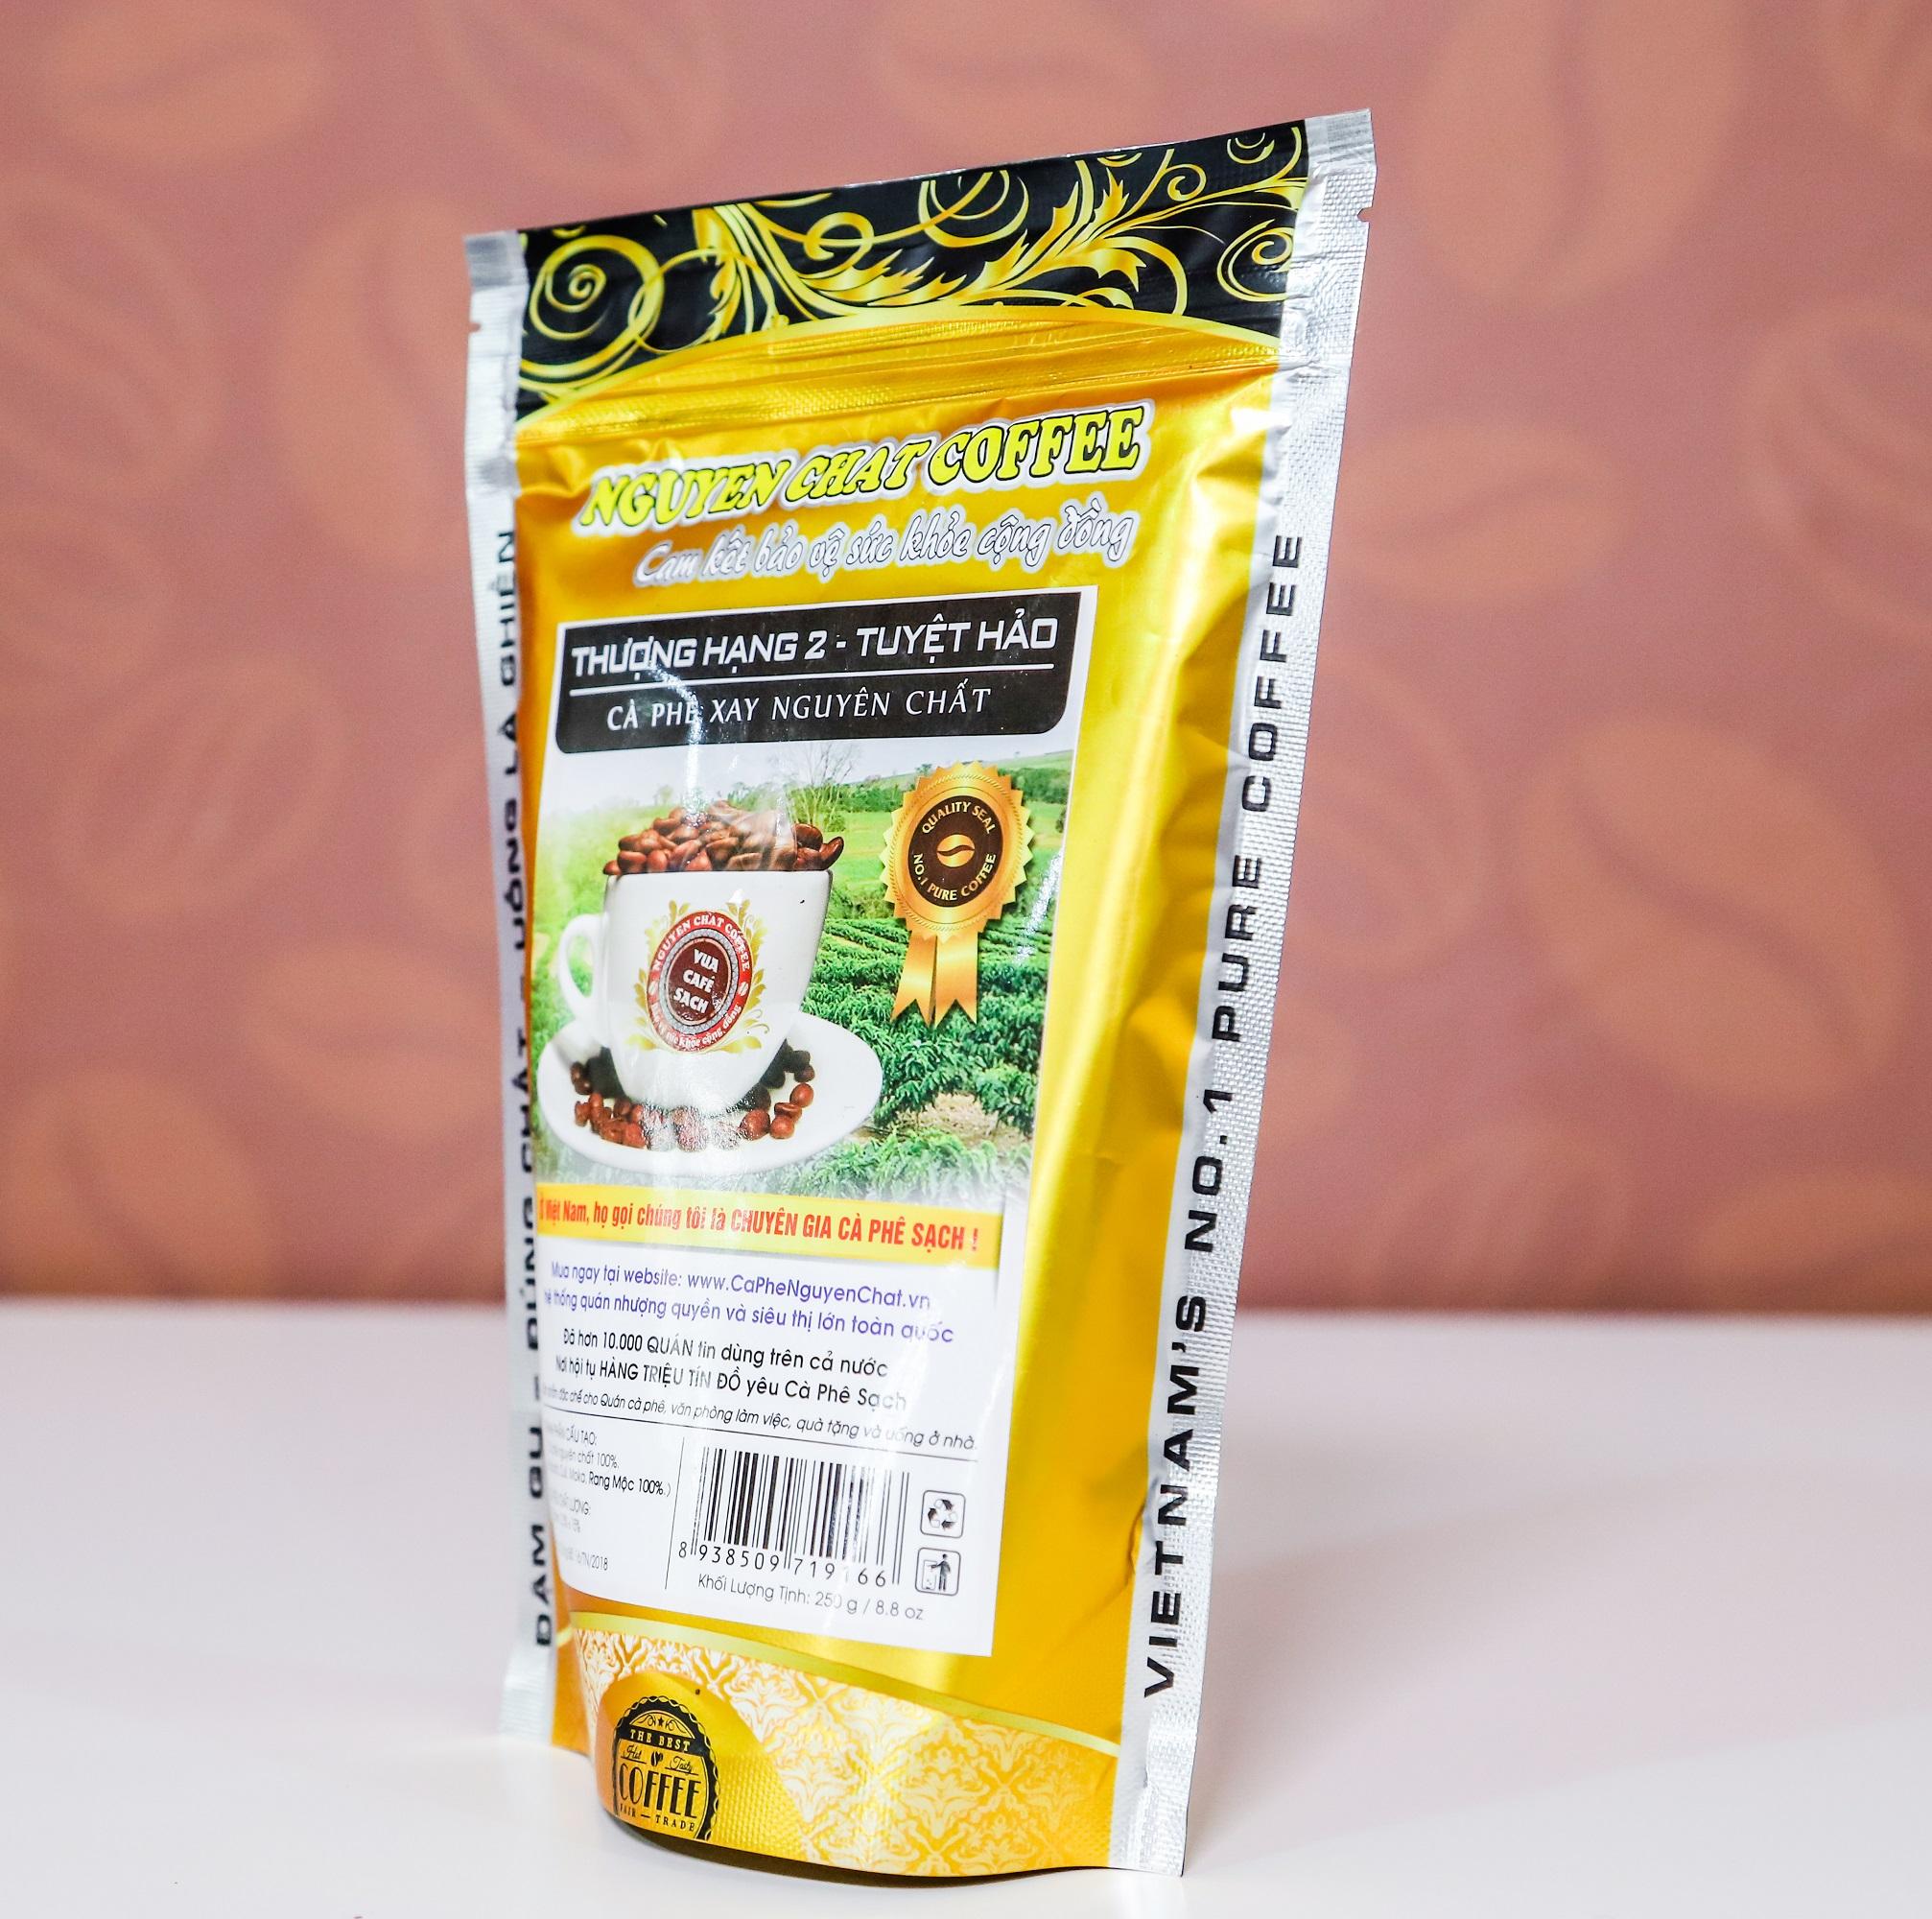 Cà phê xay nguyên chất Thượng Hạng 2